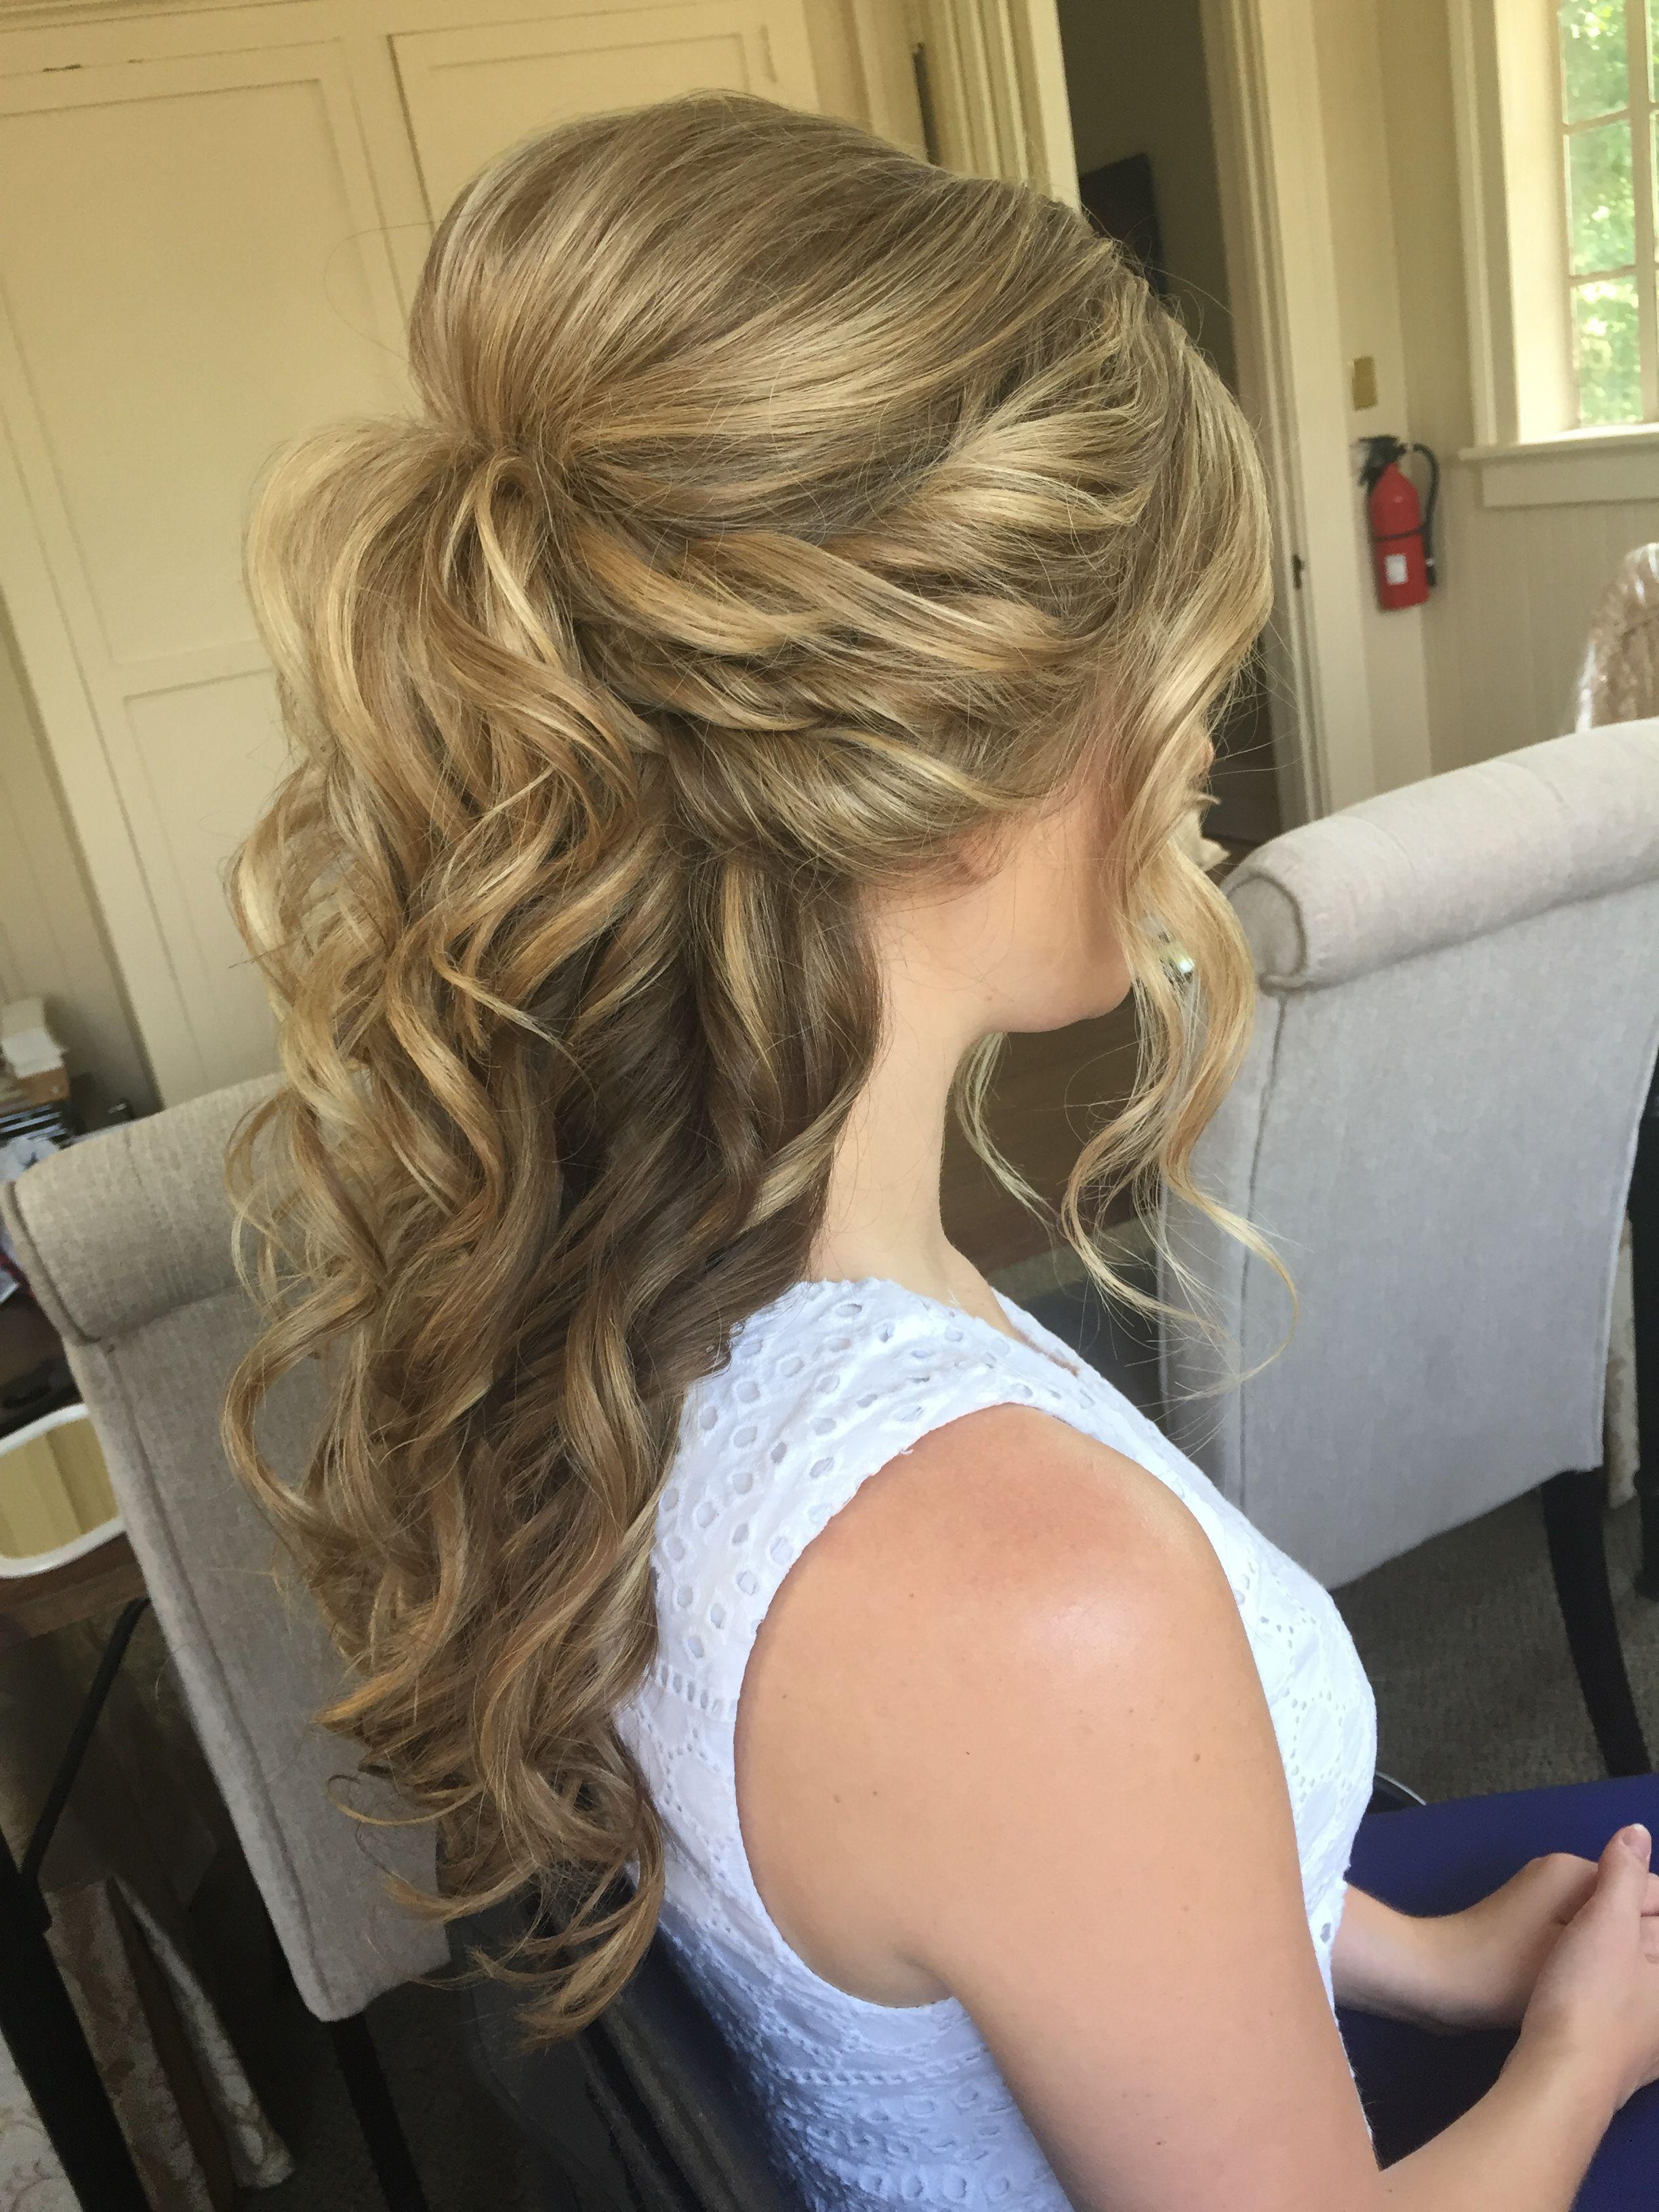 Pin By Joanne Noel On Extra Fabulous In 2020 Half Updo Hairstyles Wedding Hair Half Medium Length Hair Styles